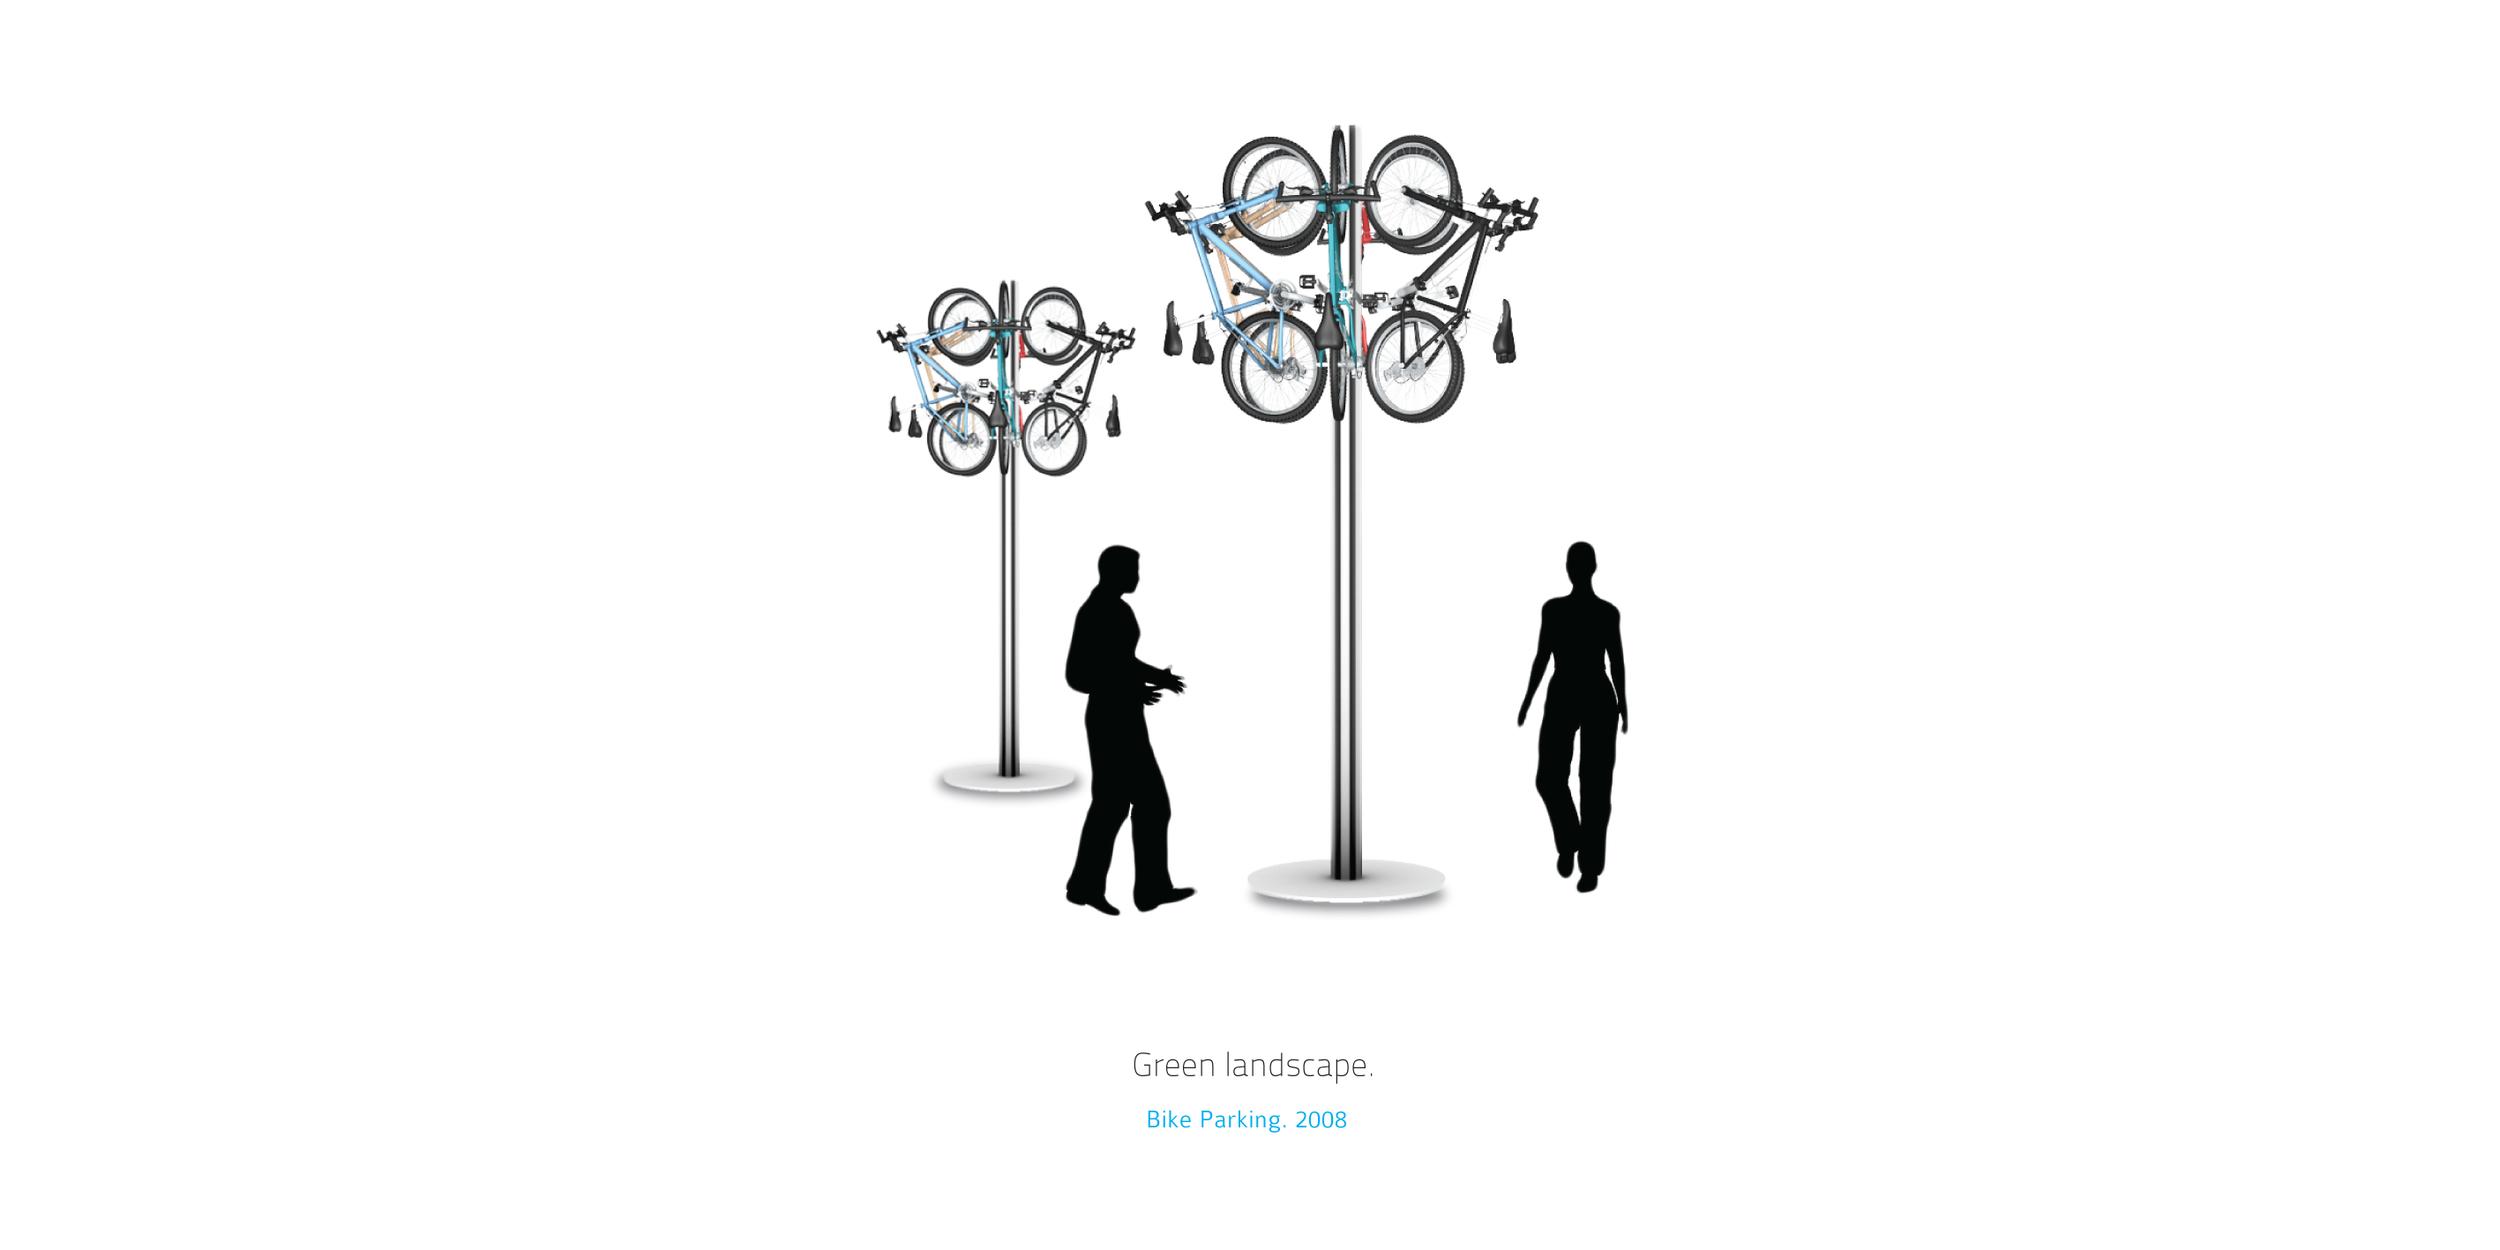 BikeParking.jpg